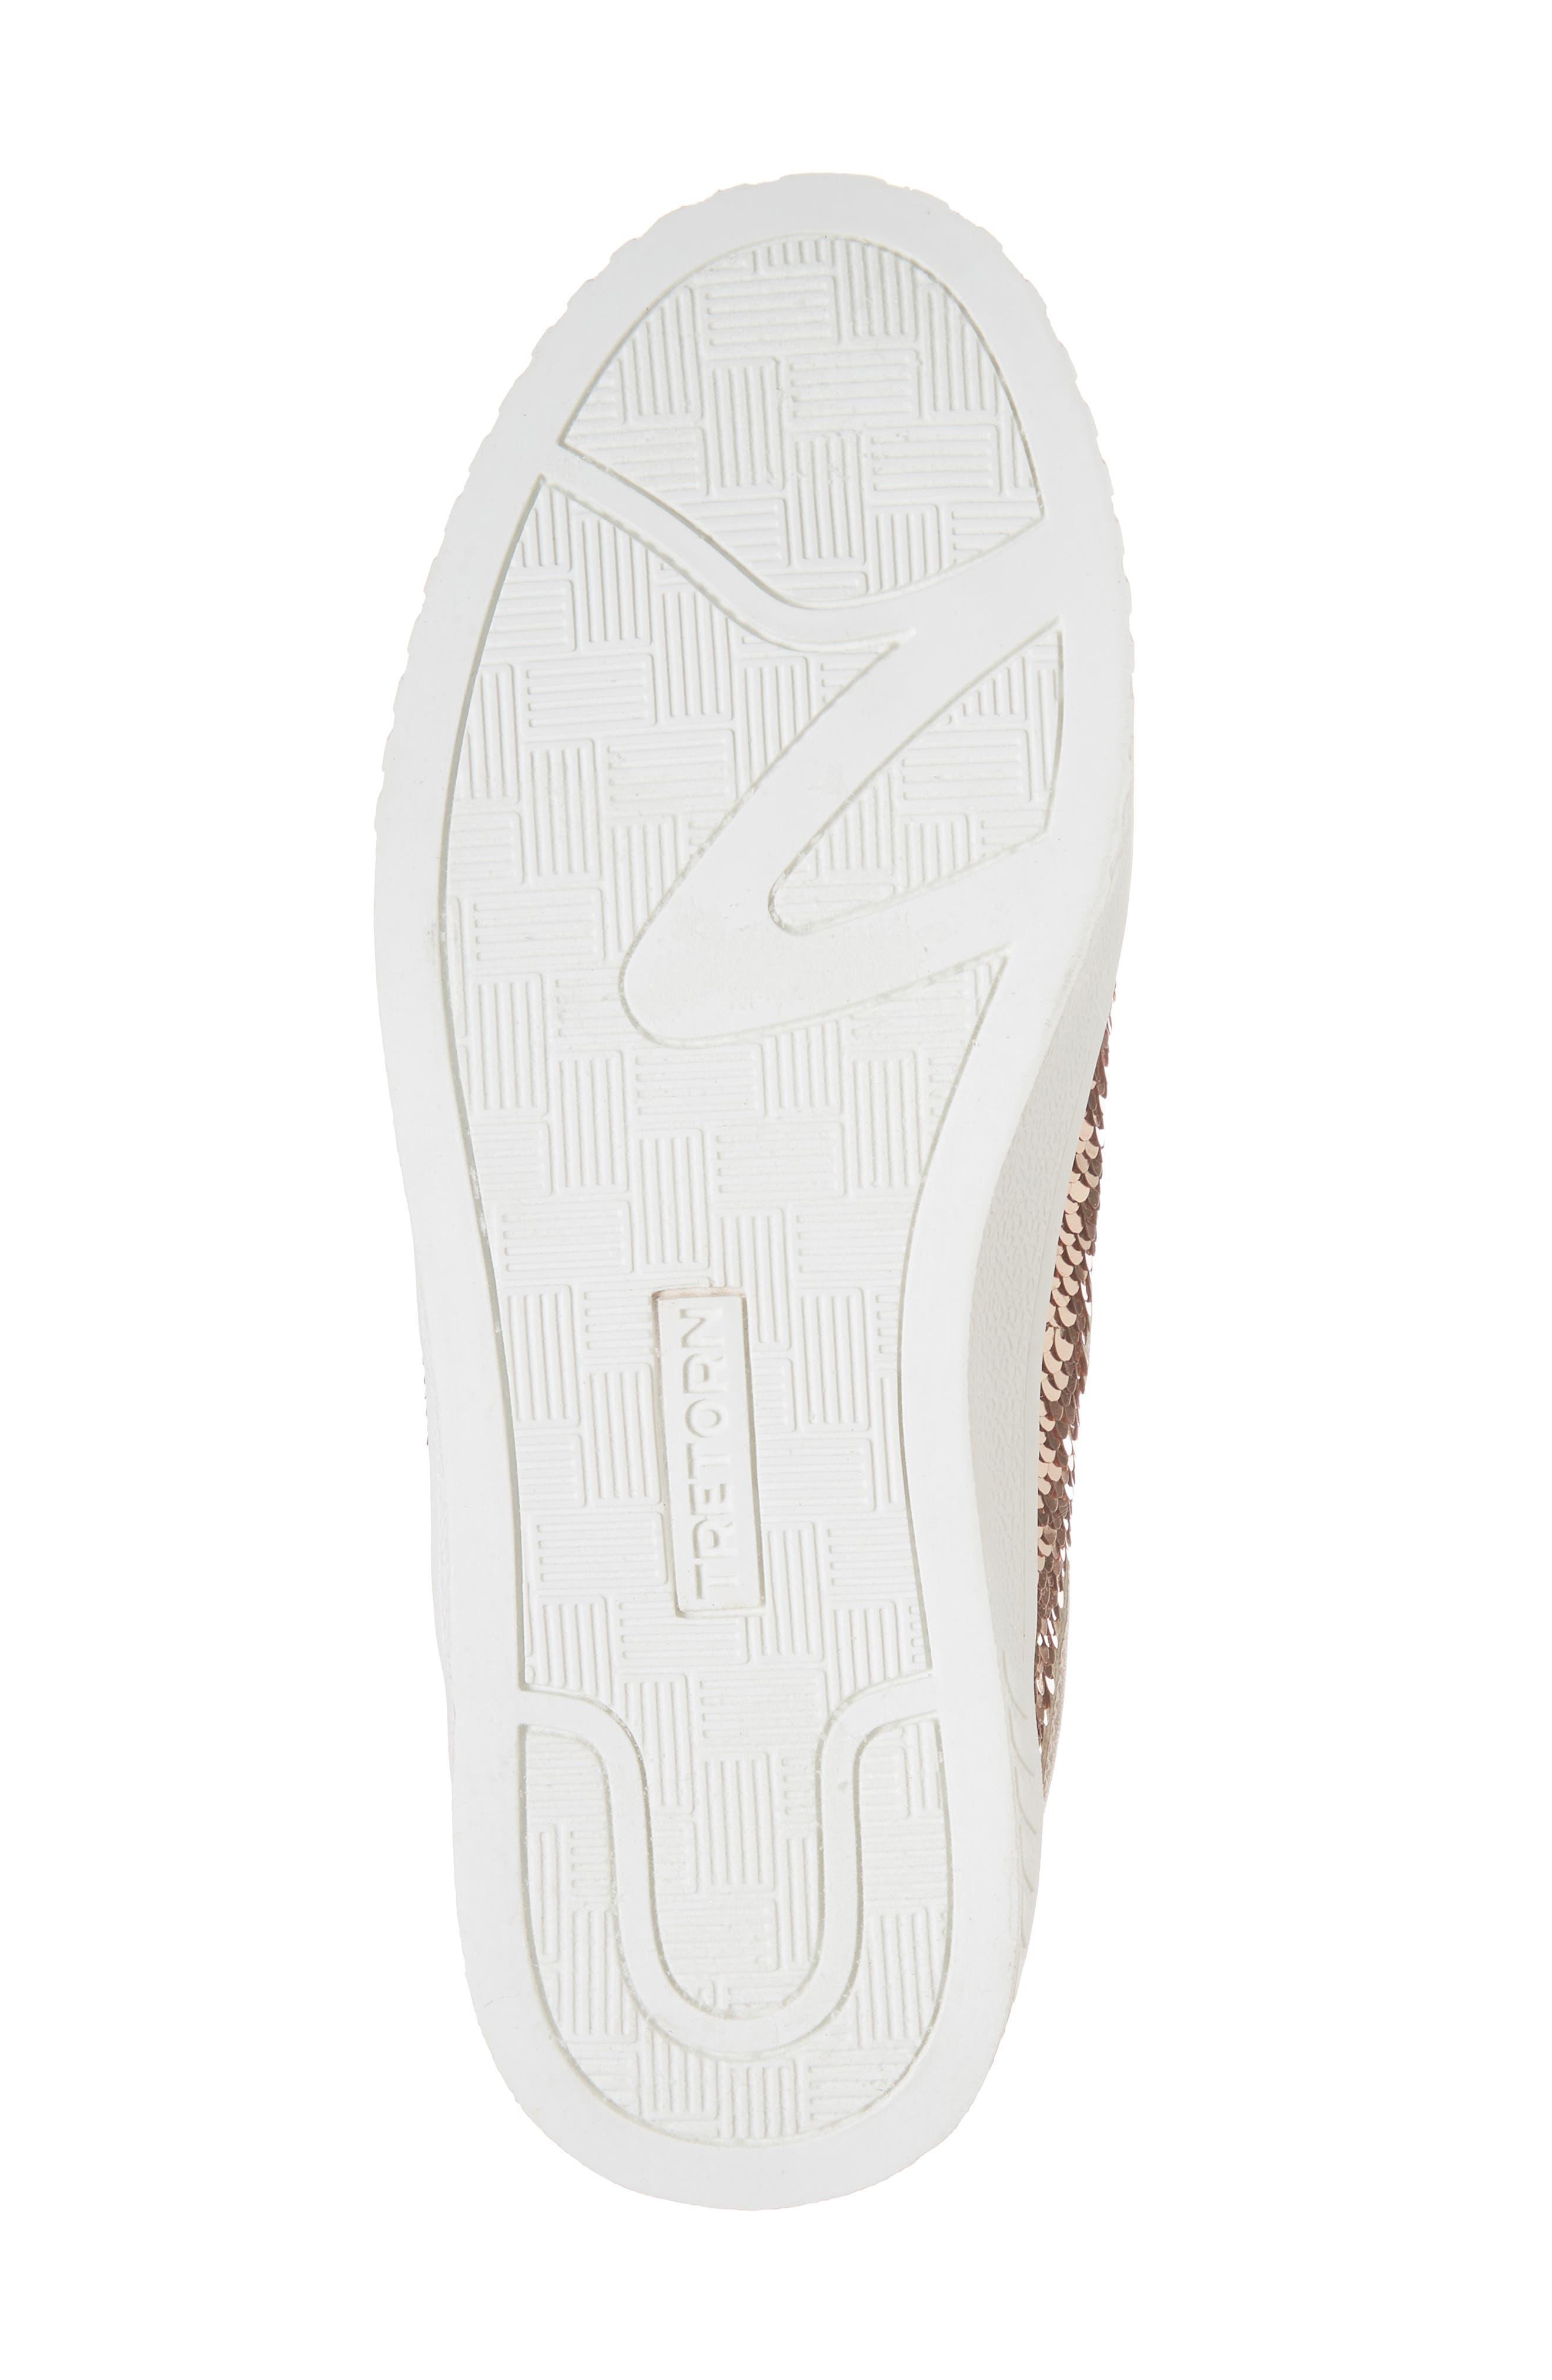 Camden Sequin Low Top Sneaker,                             Alternate thumbnail 6, color,                             DARK PINK